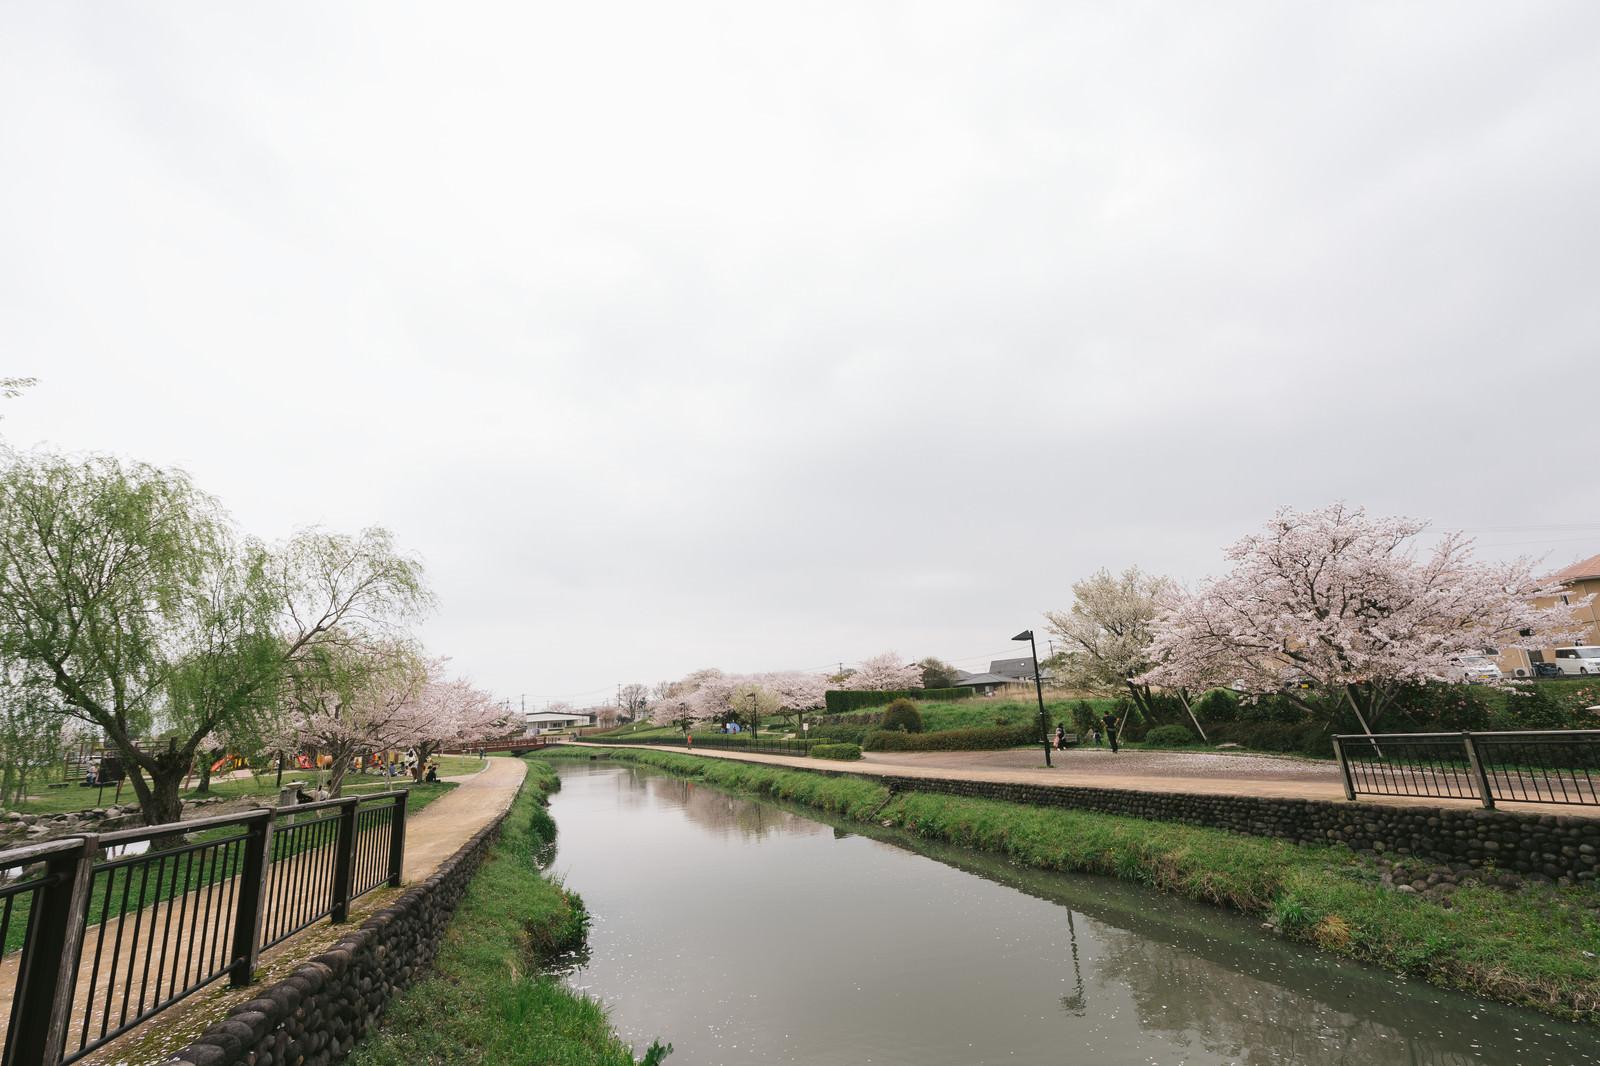 「桜咲く大刀洗公園(曇り)桜咲く大刀洗公園(曇り)」のフリー写真素材を拡大